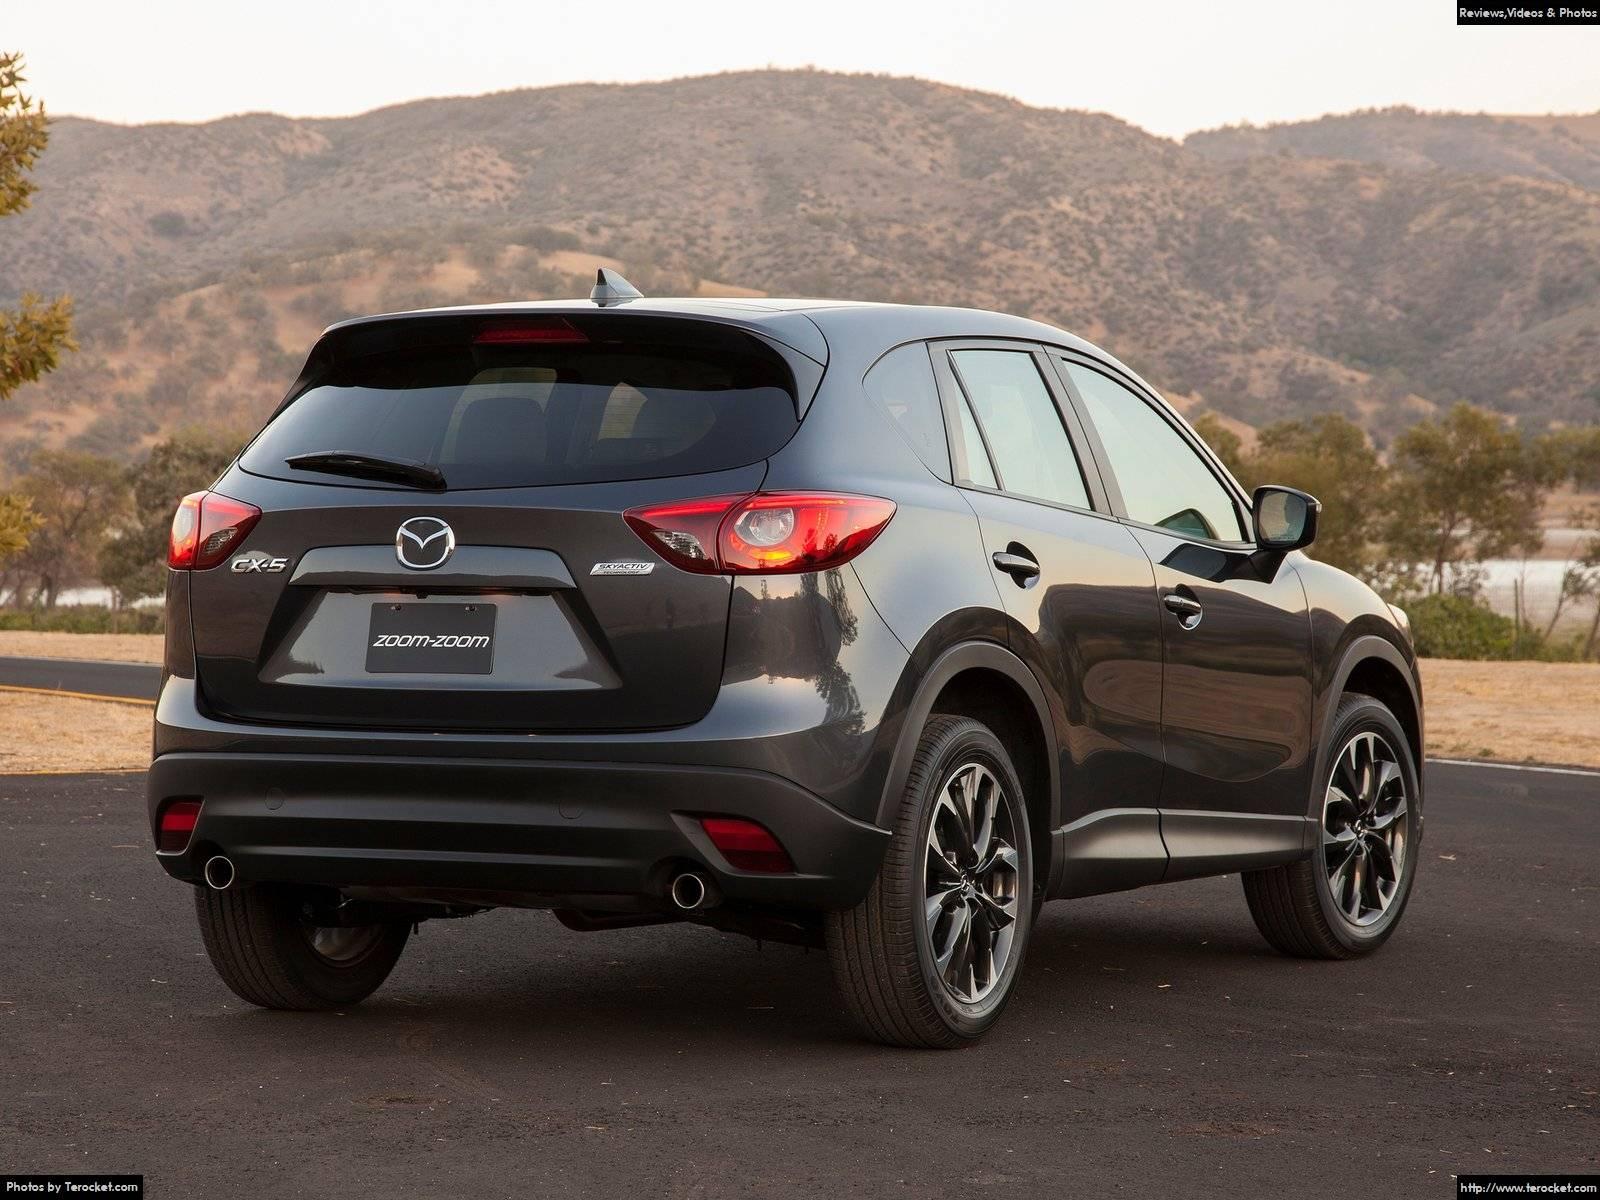 Hình ảnh xe ô tô Mazda CX-5 2016 & nội ngoại thất